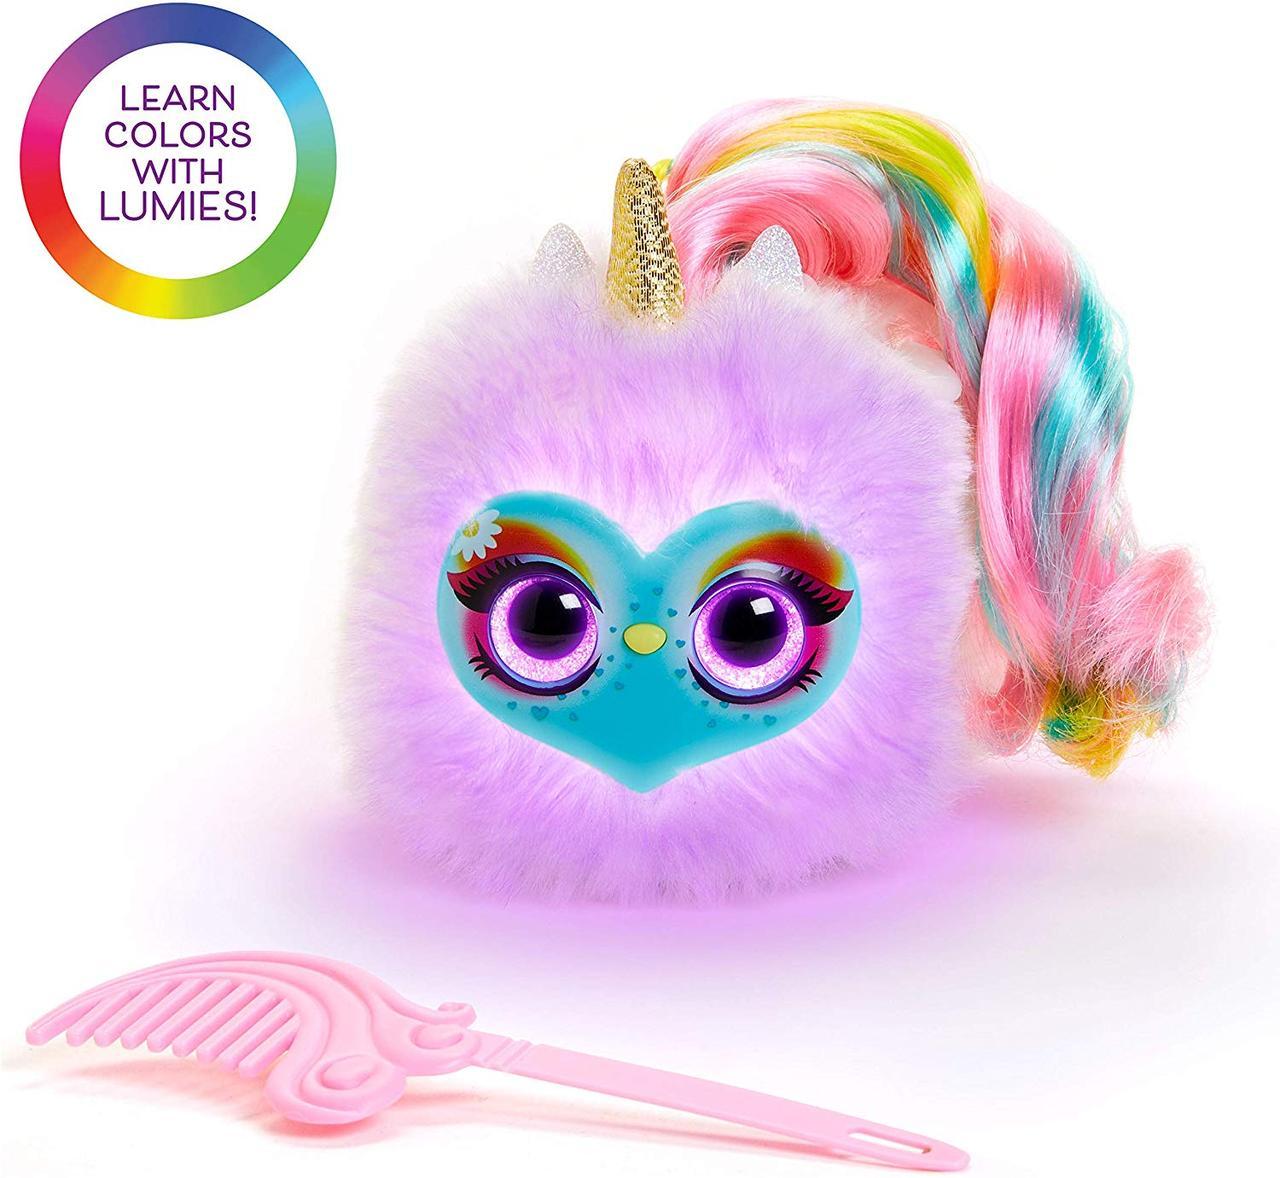 Светящийся единорог - Спаркл  Интерактивная плюшевая игрушка Лумиес Помсис  POMSIES LUMIES